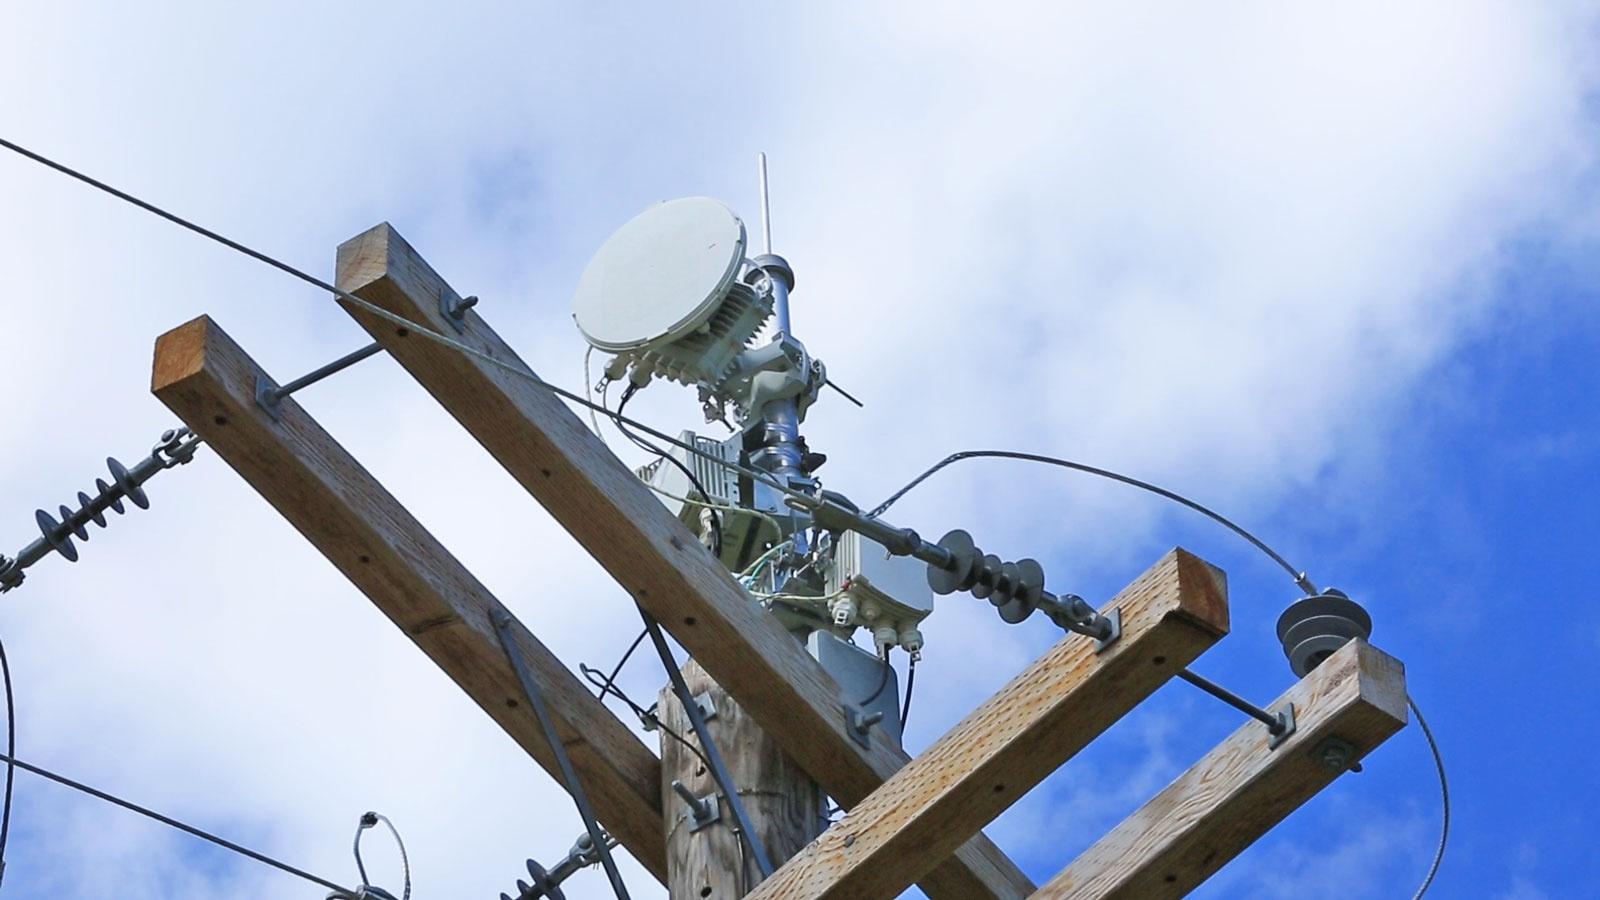 Project AirGig: широкополосный доступ к сети по линиям электропередач - 2